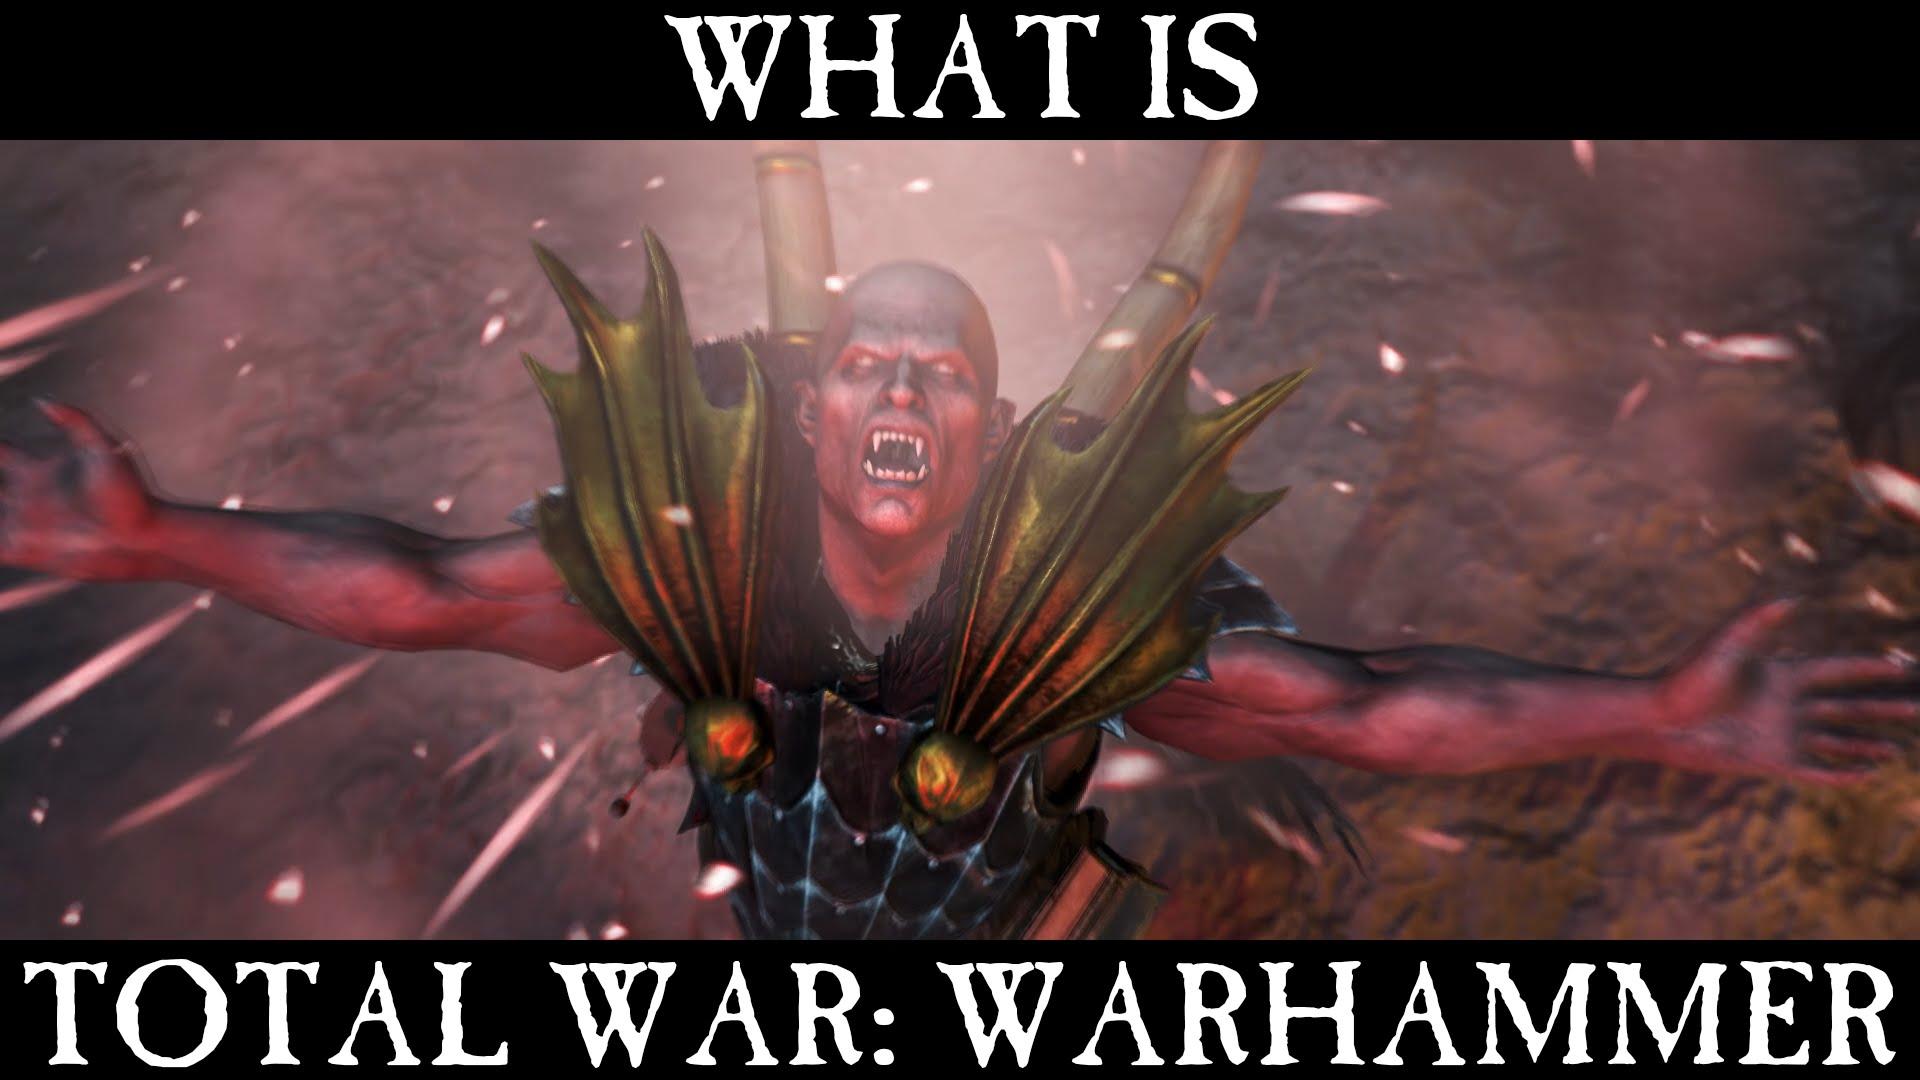 Total War: Warhammer ne introduce în lumea jocului